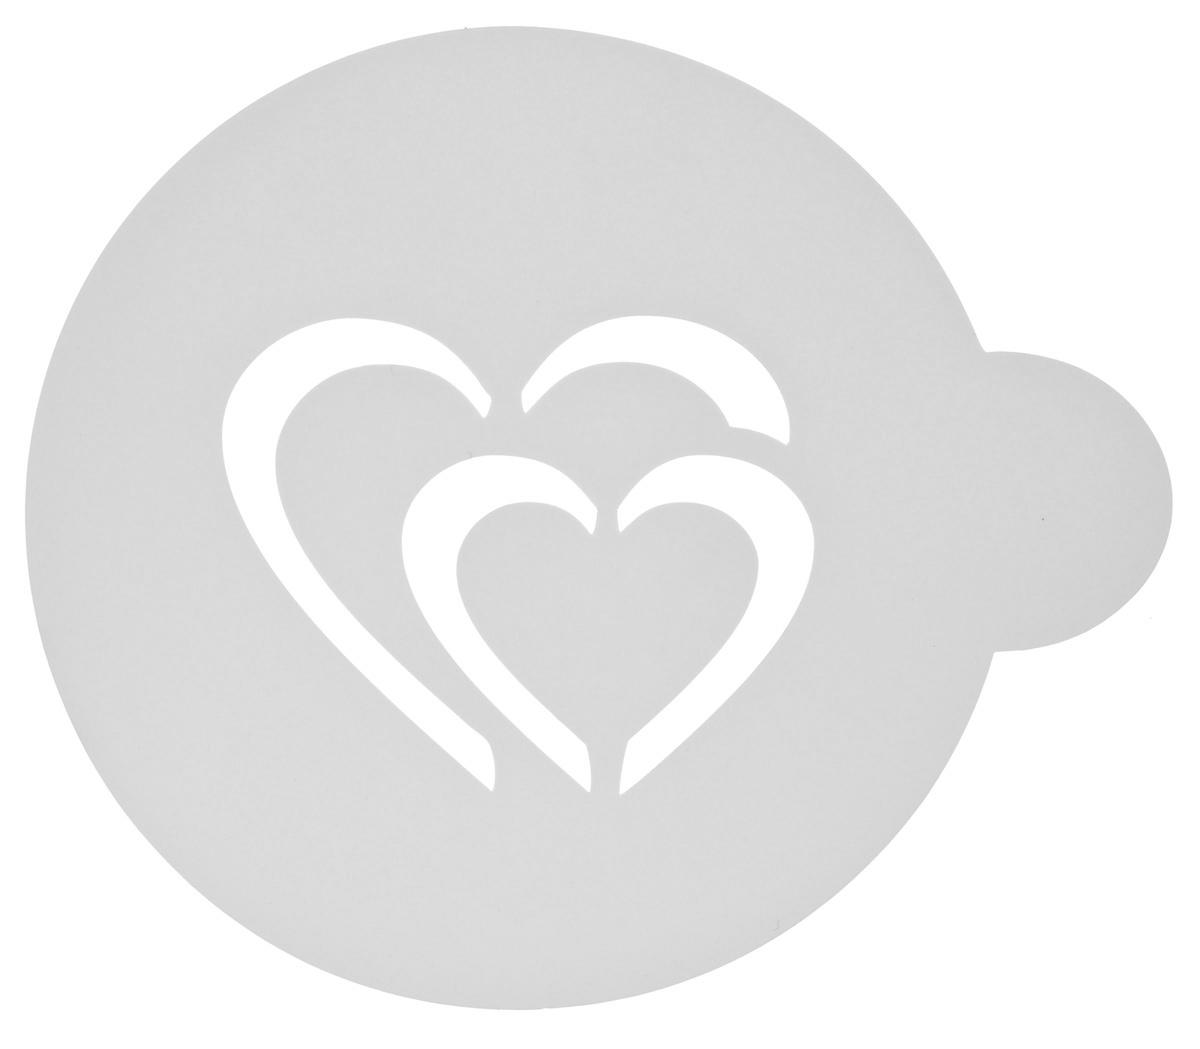 Трафарет на кофе и десерты Леденцовая фабрика Сердце двойное, цвет: белый, диаметр 10 см трафарет на кофе и десерты леденцовая фабрика кошка с рыбой диаметр 10 см